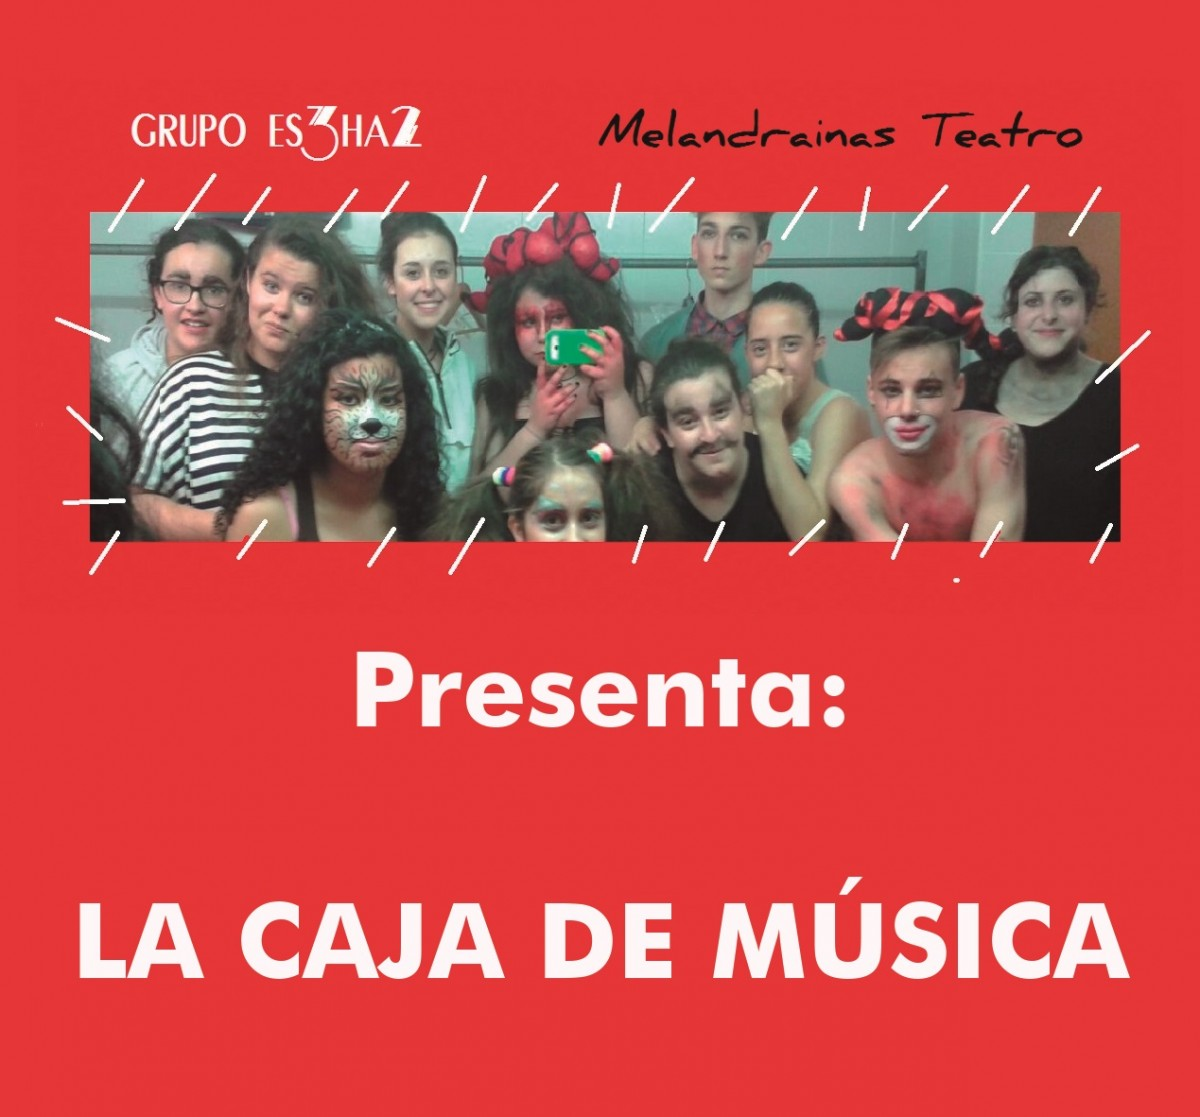 La caja de m sica ciclo de teatro candilejas don bosco for La caja sucursales horarios